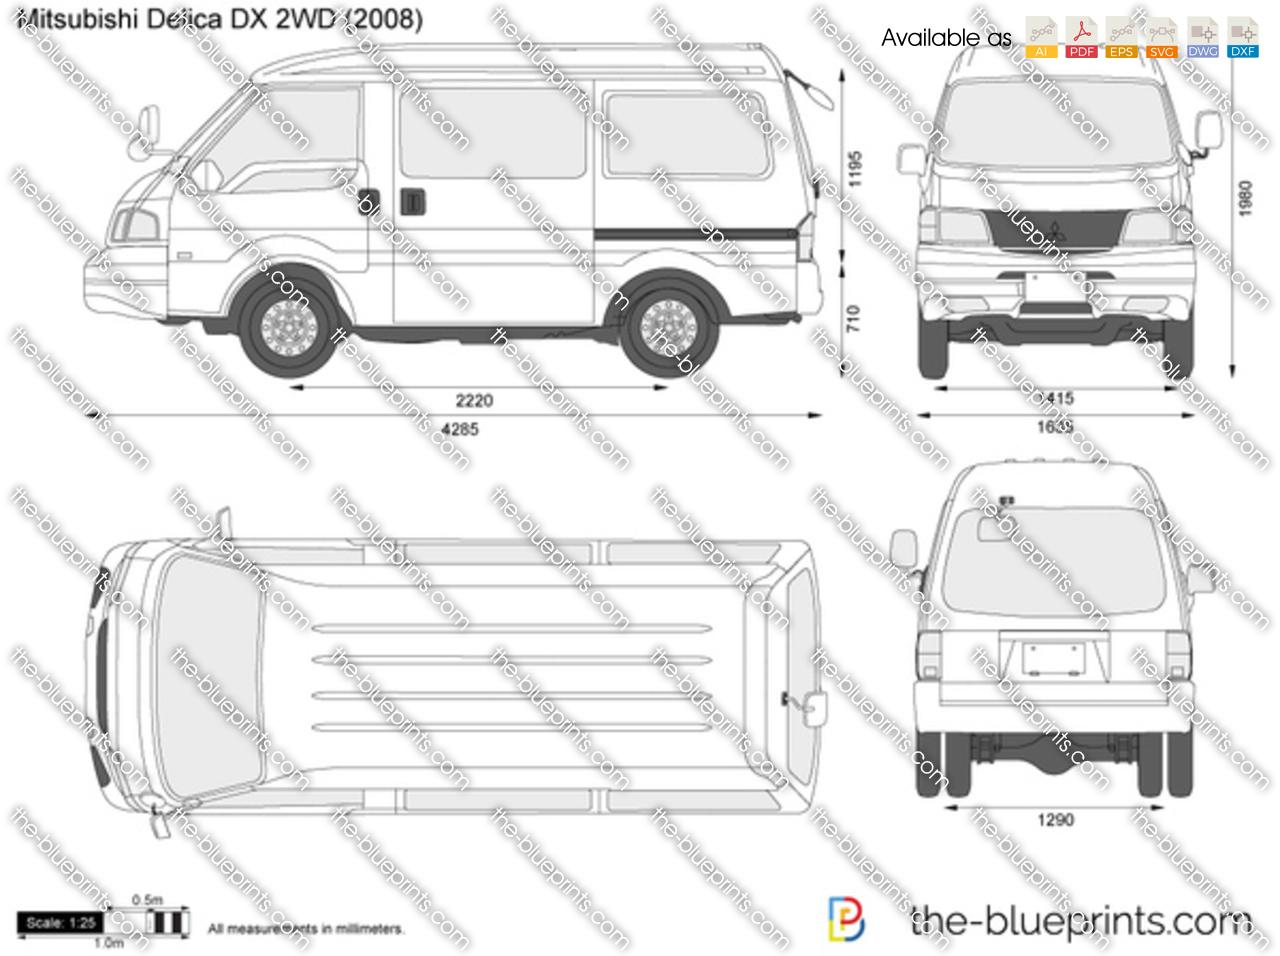 Mitsubishi Delica DX 2WD 2004